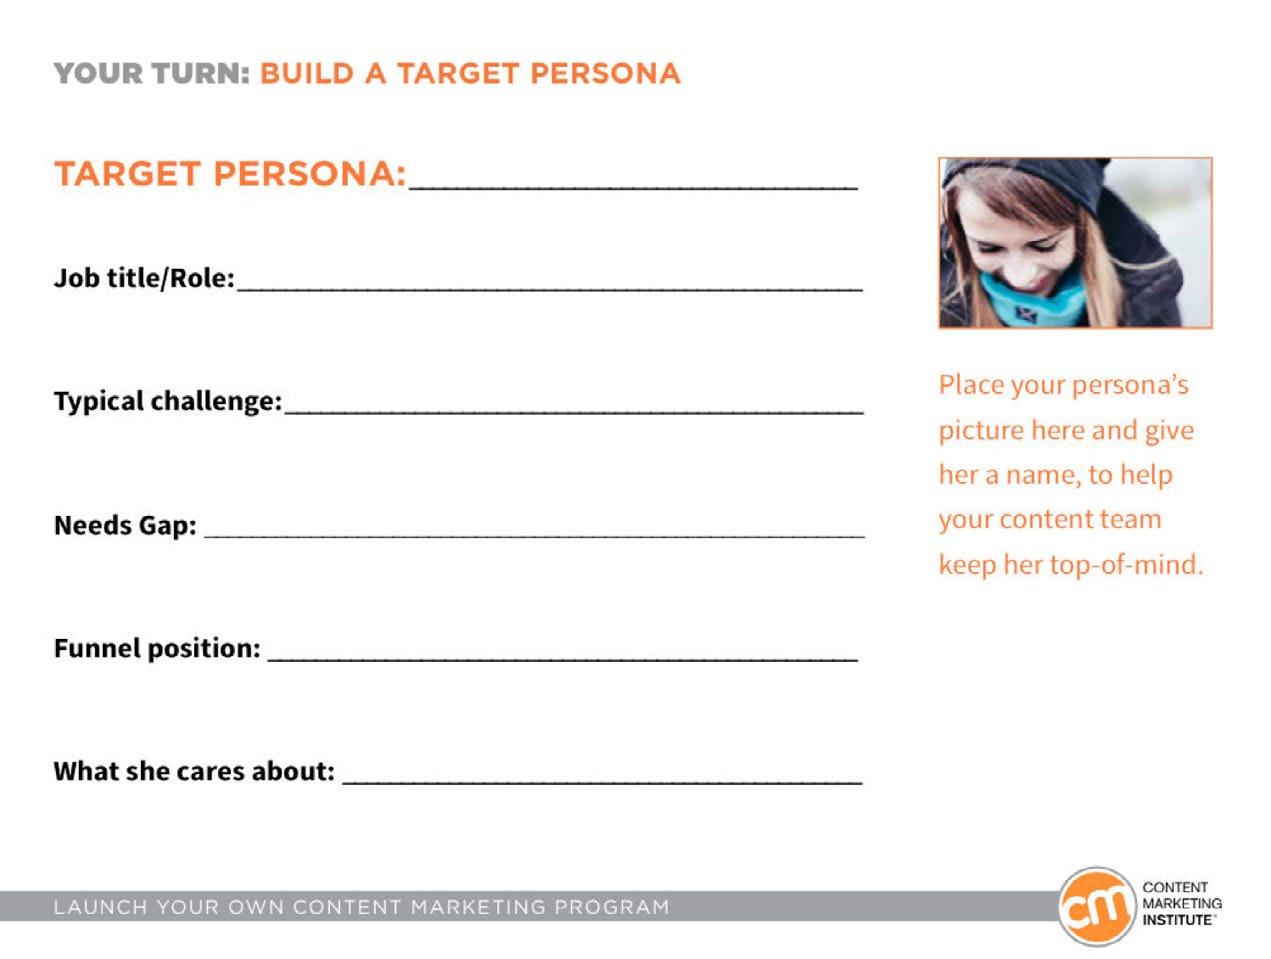 Ilustracja 1 – Szablon persony klienta. Źródło: Content Marketing Institute.